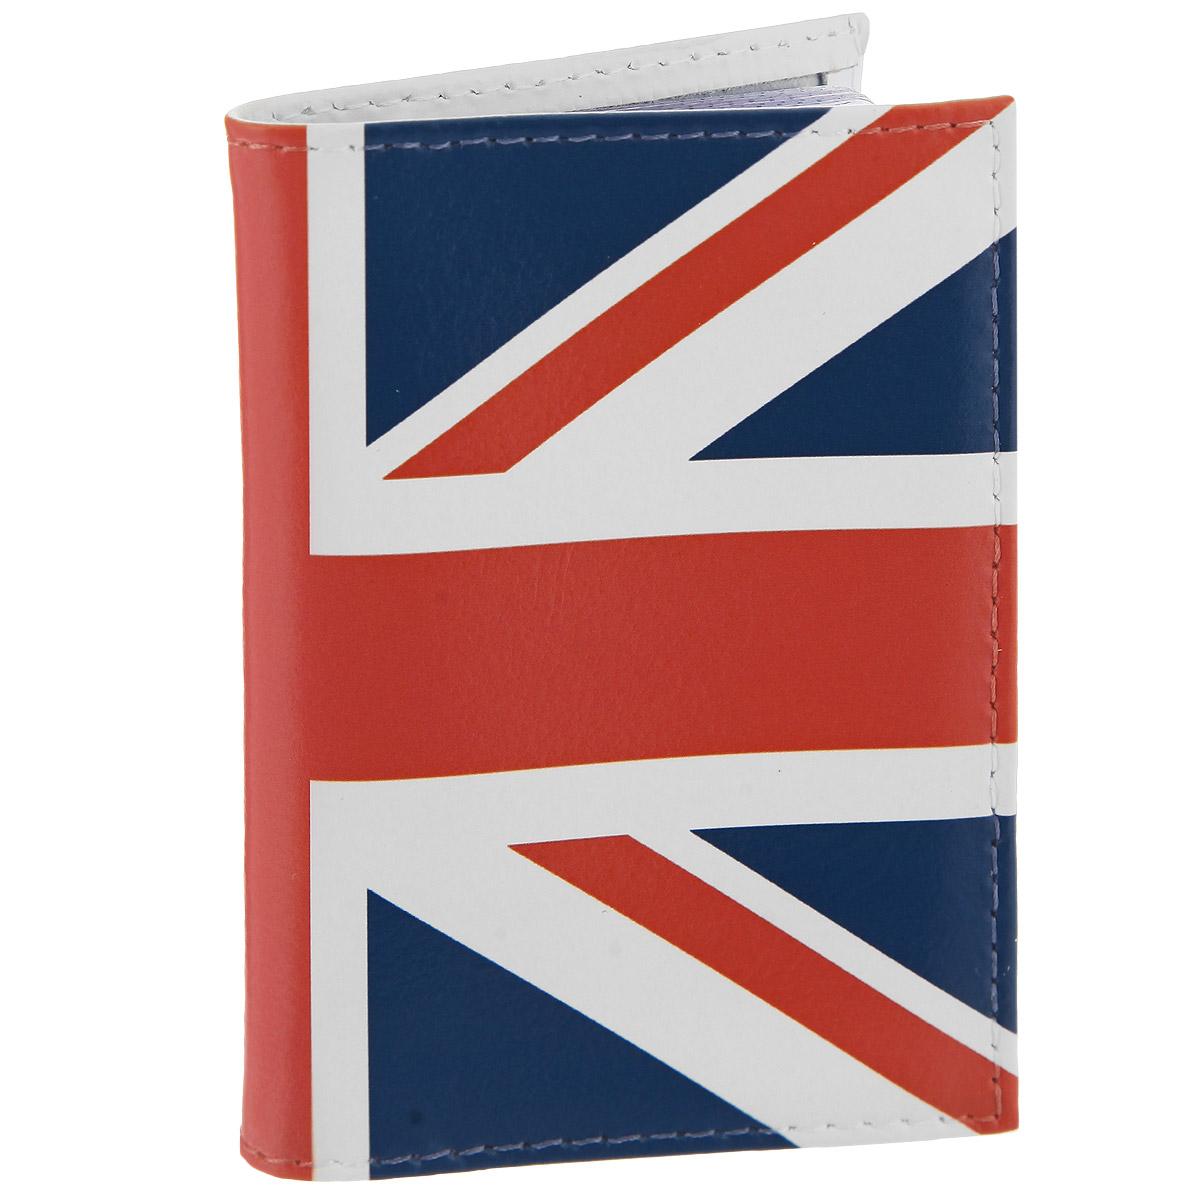 Визитница Британский флаг в краске. VIZIT-146VIZIT146Оригинальная визитница Mitya Veselkov Британский флаг прекрасно подойдет для хранения визиток и кредитных карт. Обложка выполнена из натуральной высококачественной кожи и стилизована под британский флаг. Внутри содержится съемный блок из прозрачного мягкого пластика на 18 визиток и 2 прозрачных вертикальных кармана. Стильная визитница подчеркнет вашу индивидуальность и изысканный вкус, а также станет замечательным подарком человеку, ценящему качественные и практичные вещи.